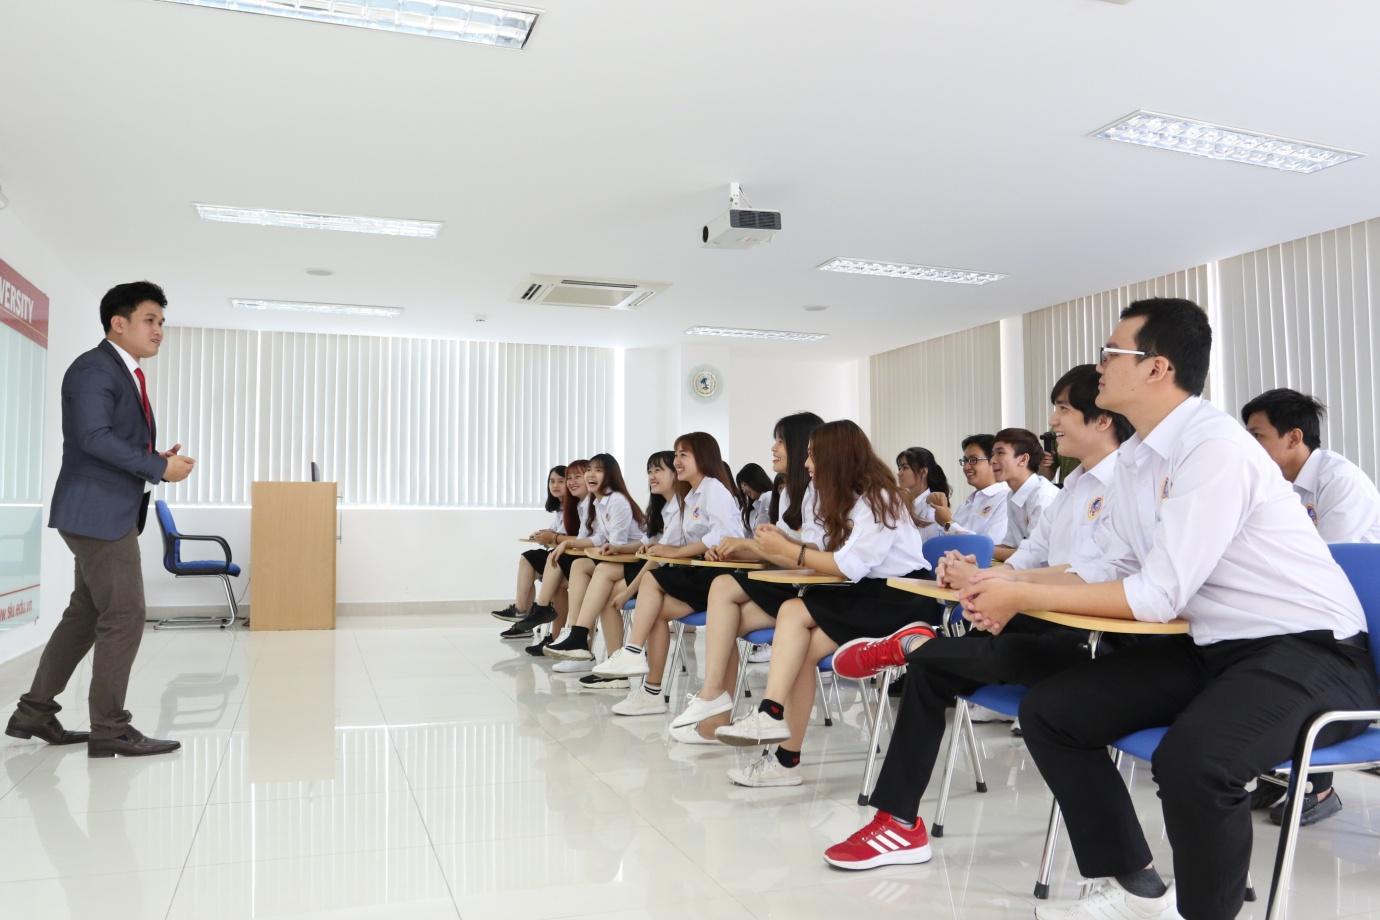 Đại học Quốc tế Sài Gòn (SIU) công bố xét tuyển bổ sung năm 2018 - Ảnh 4.